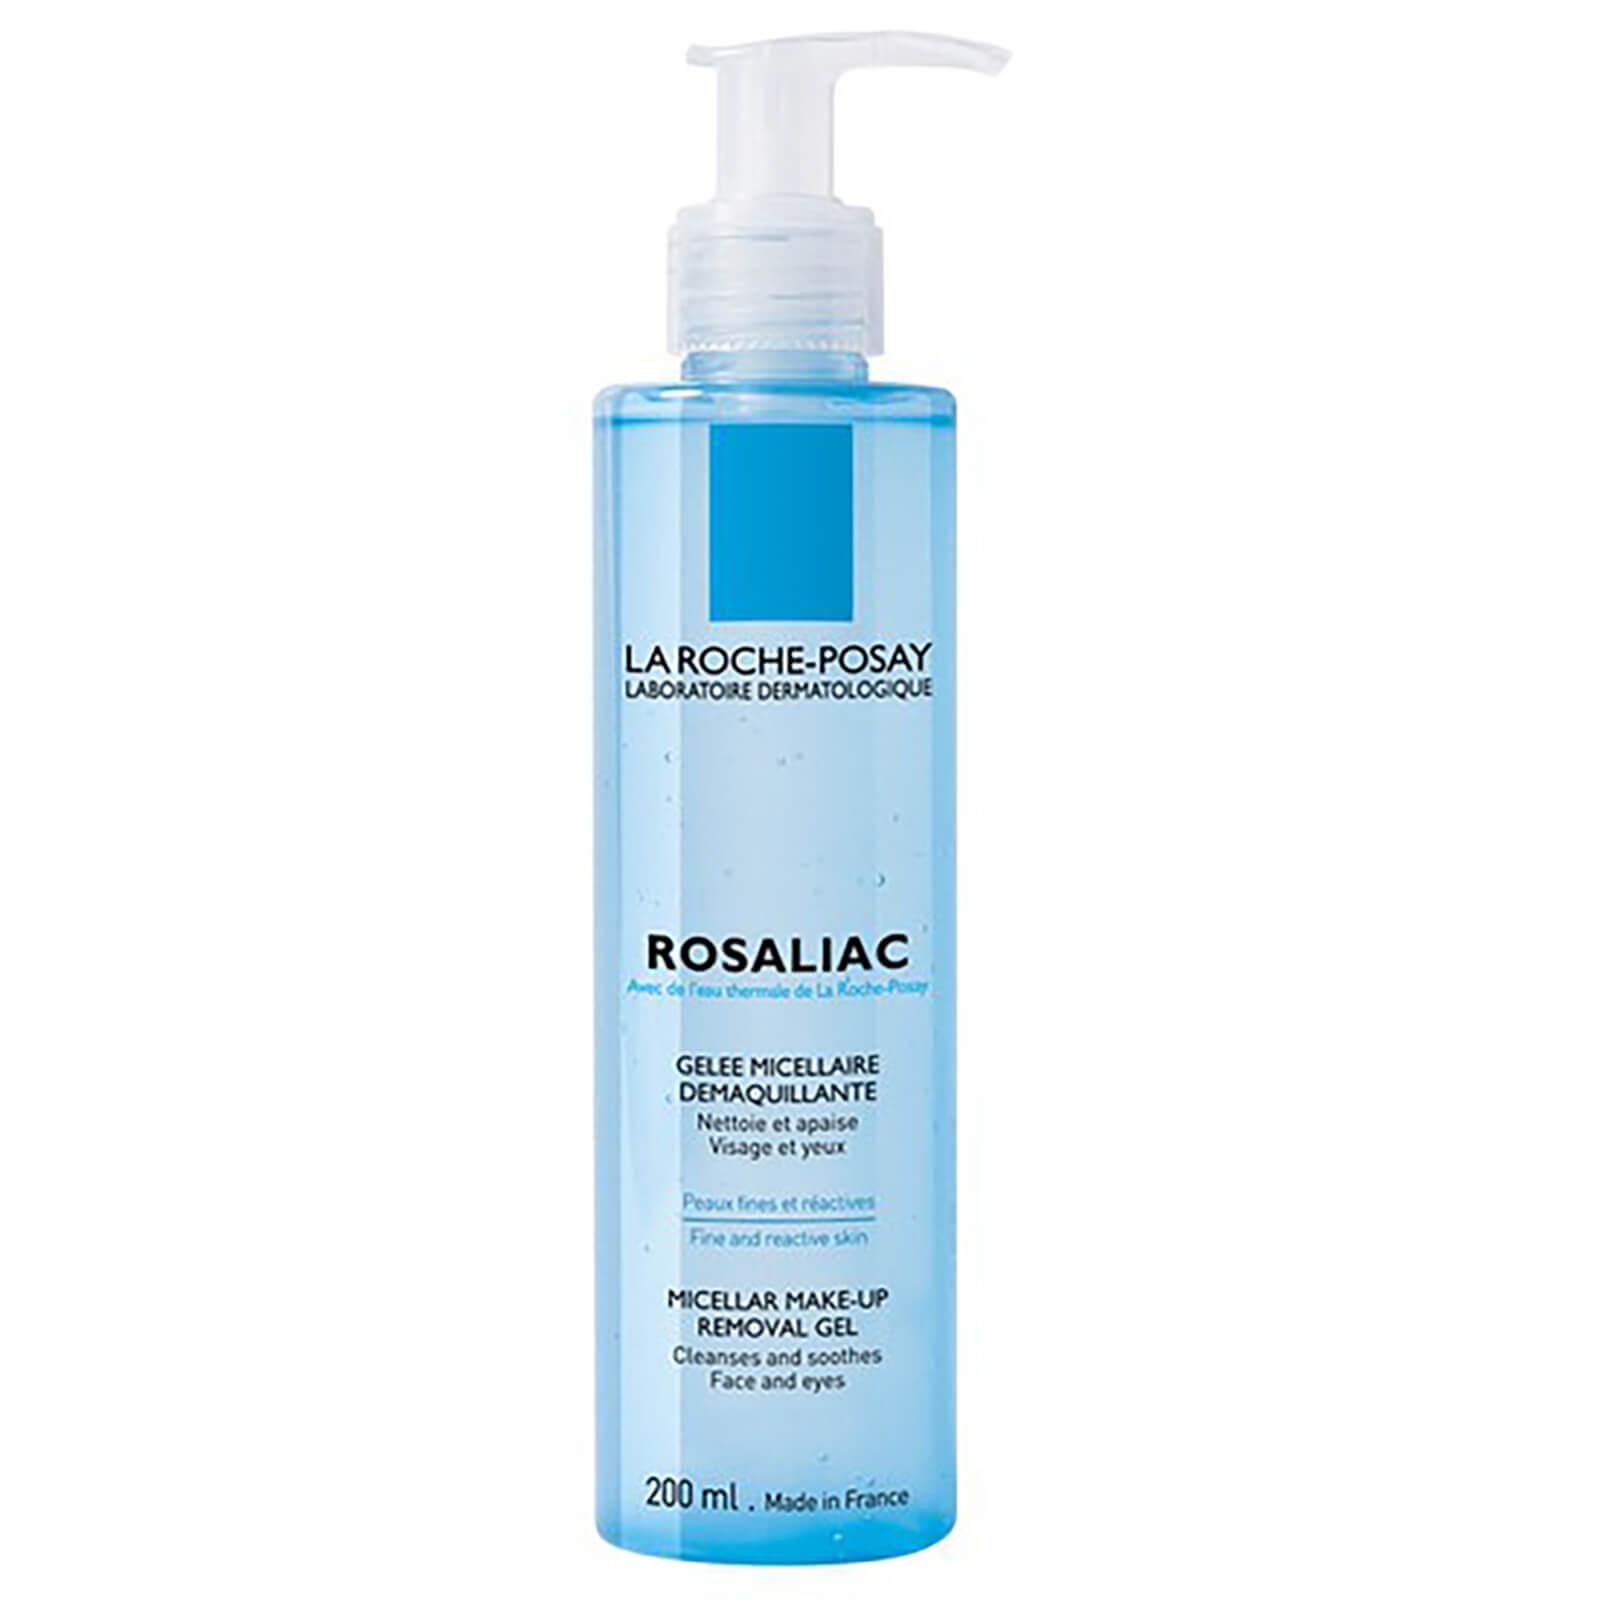 La Roche-Posay Rosaliac Make-Up Remover Gel 195ml